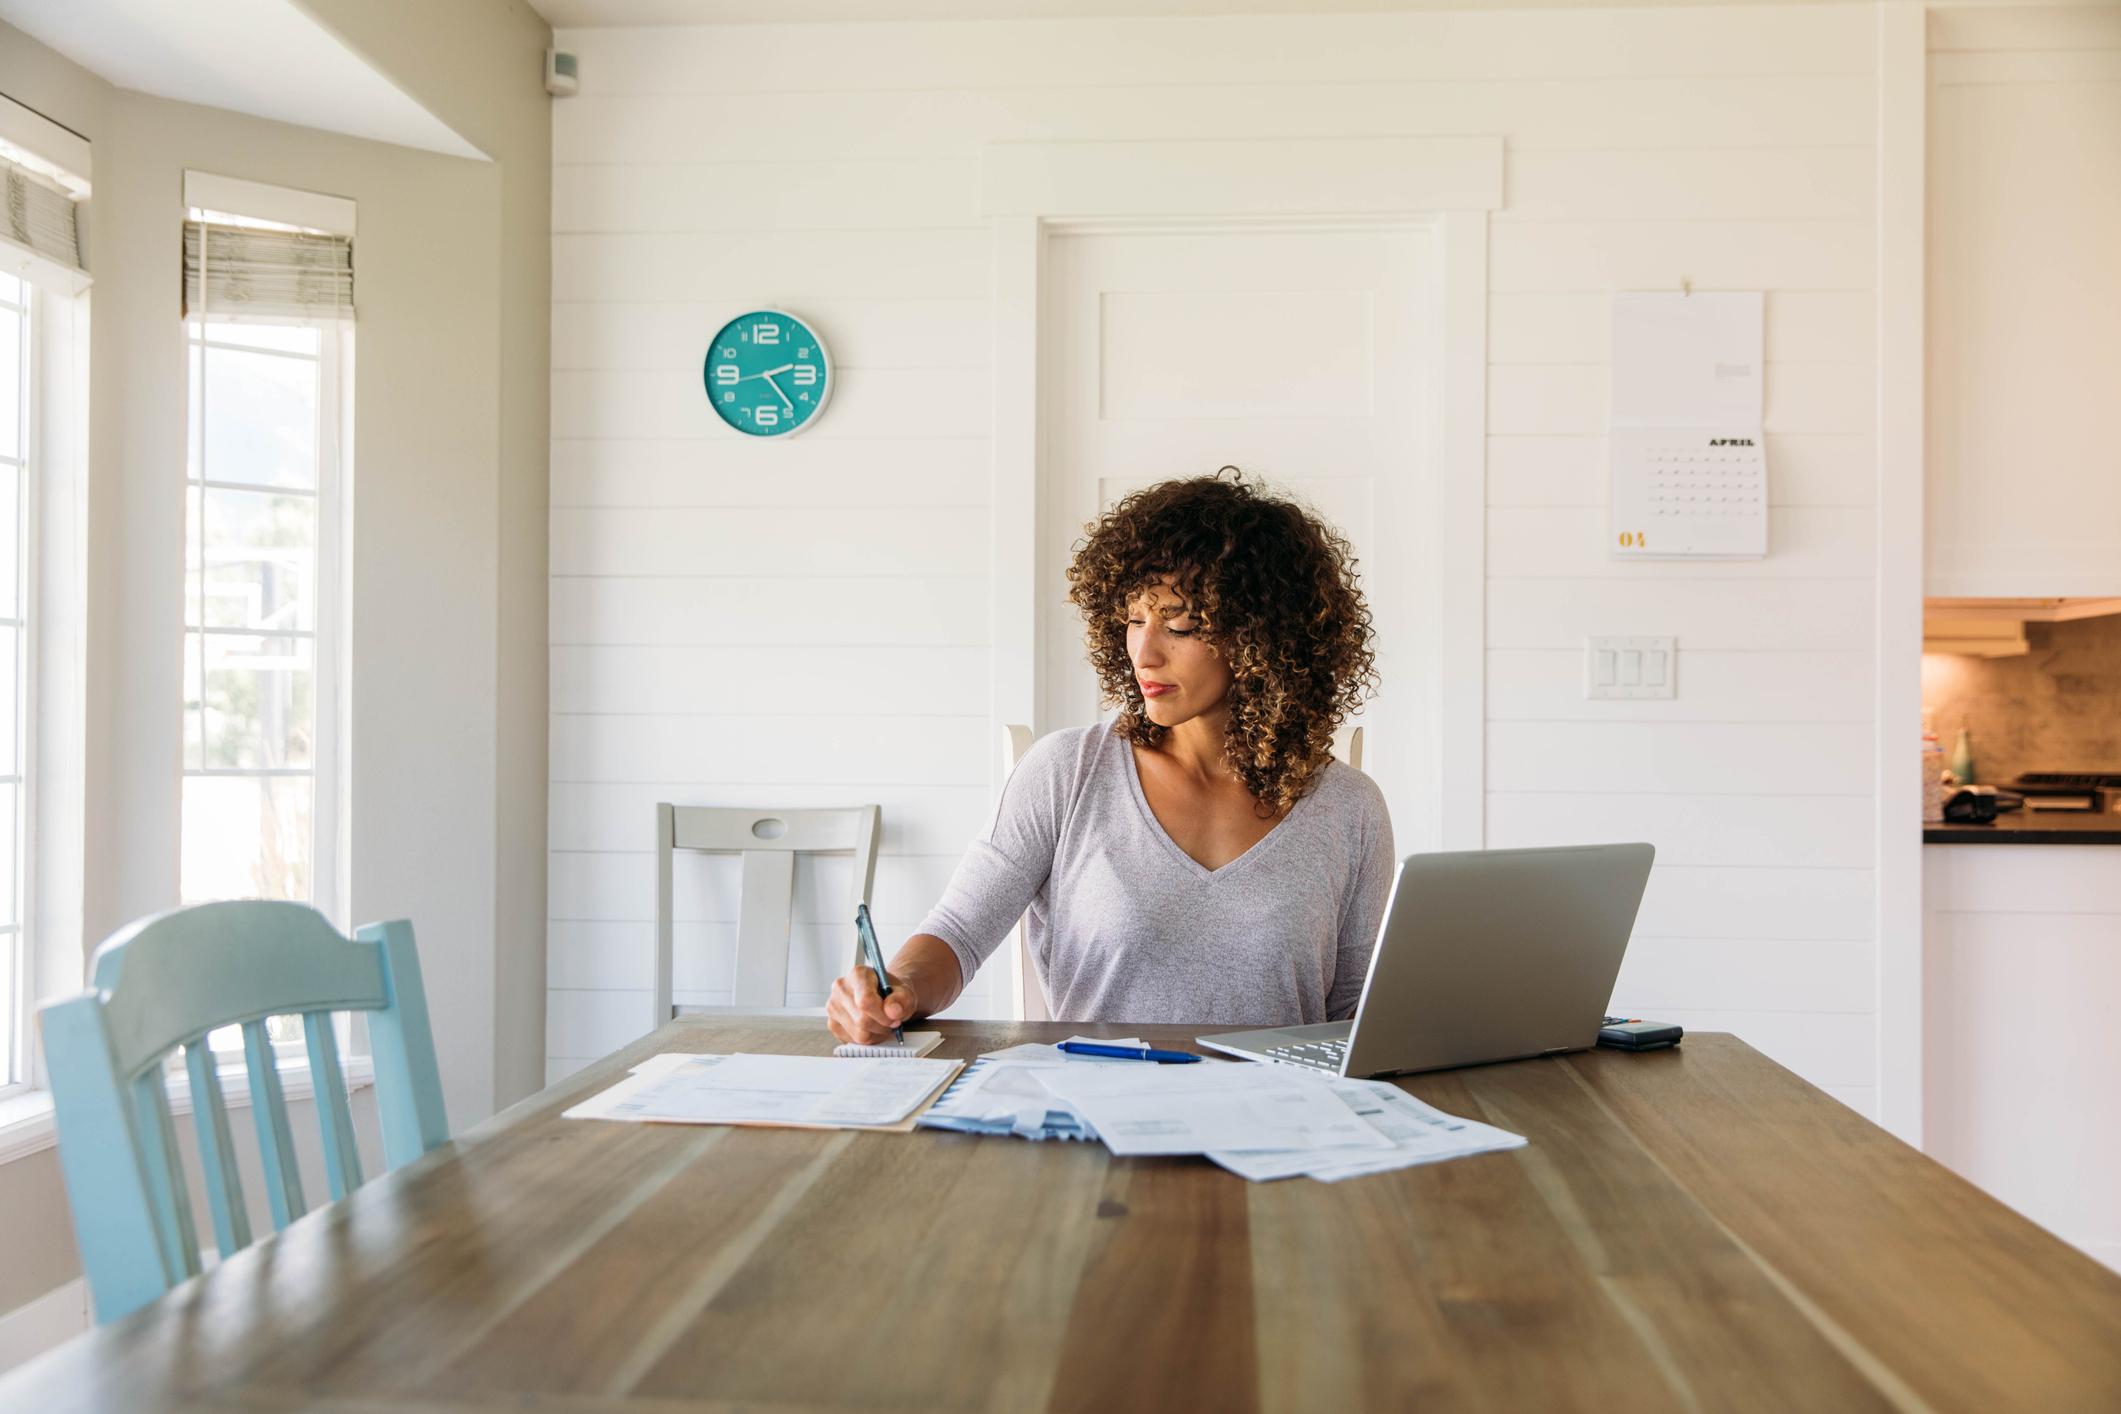 anteproyecto-de-ley-del-teletrabajo:-los-empleados-podran-negociar-su-horario-cuando-teletrabajen